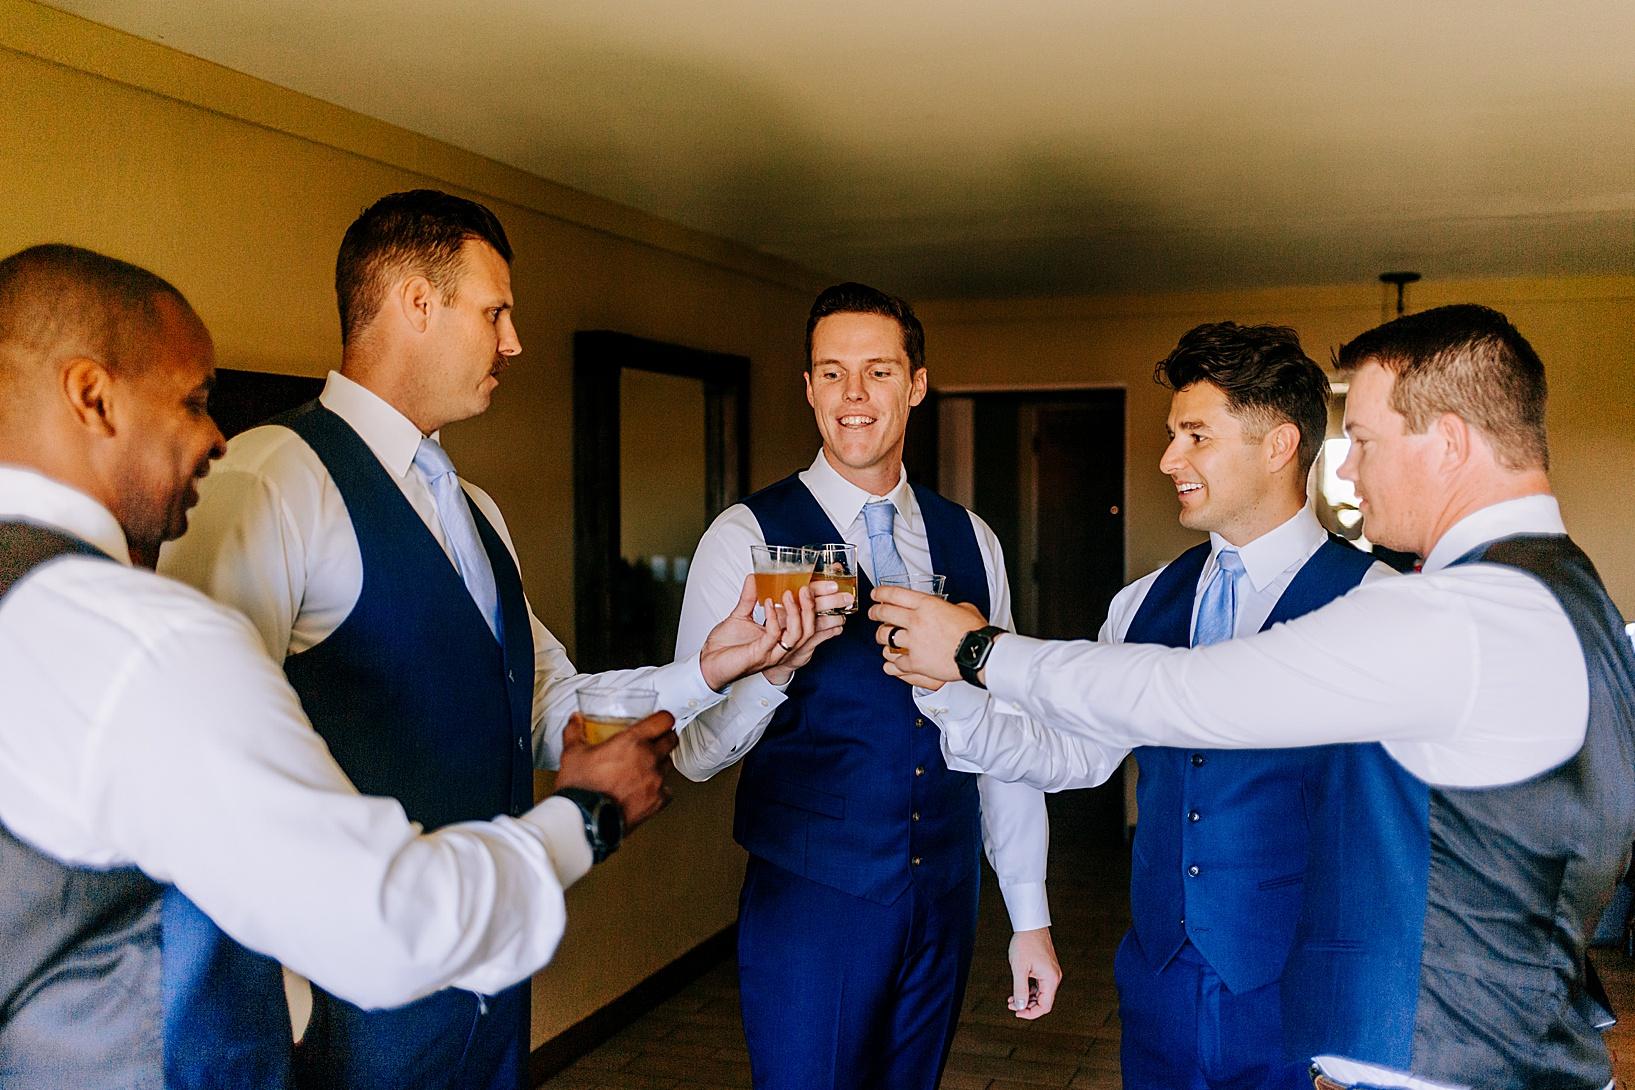 Getting ready for Temecula wedding at Temecula Creek Inn